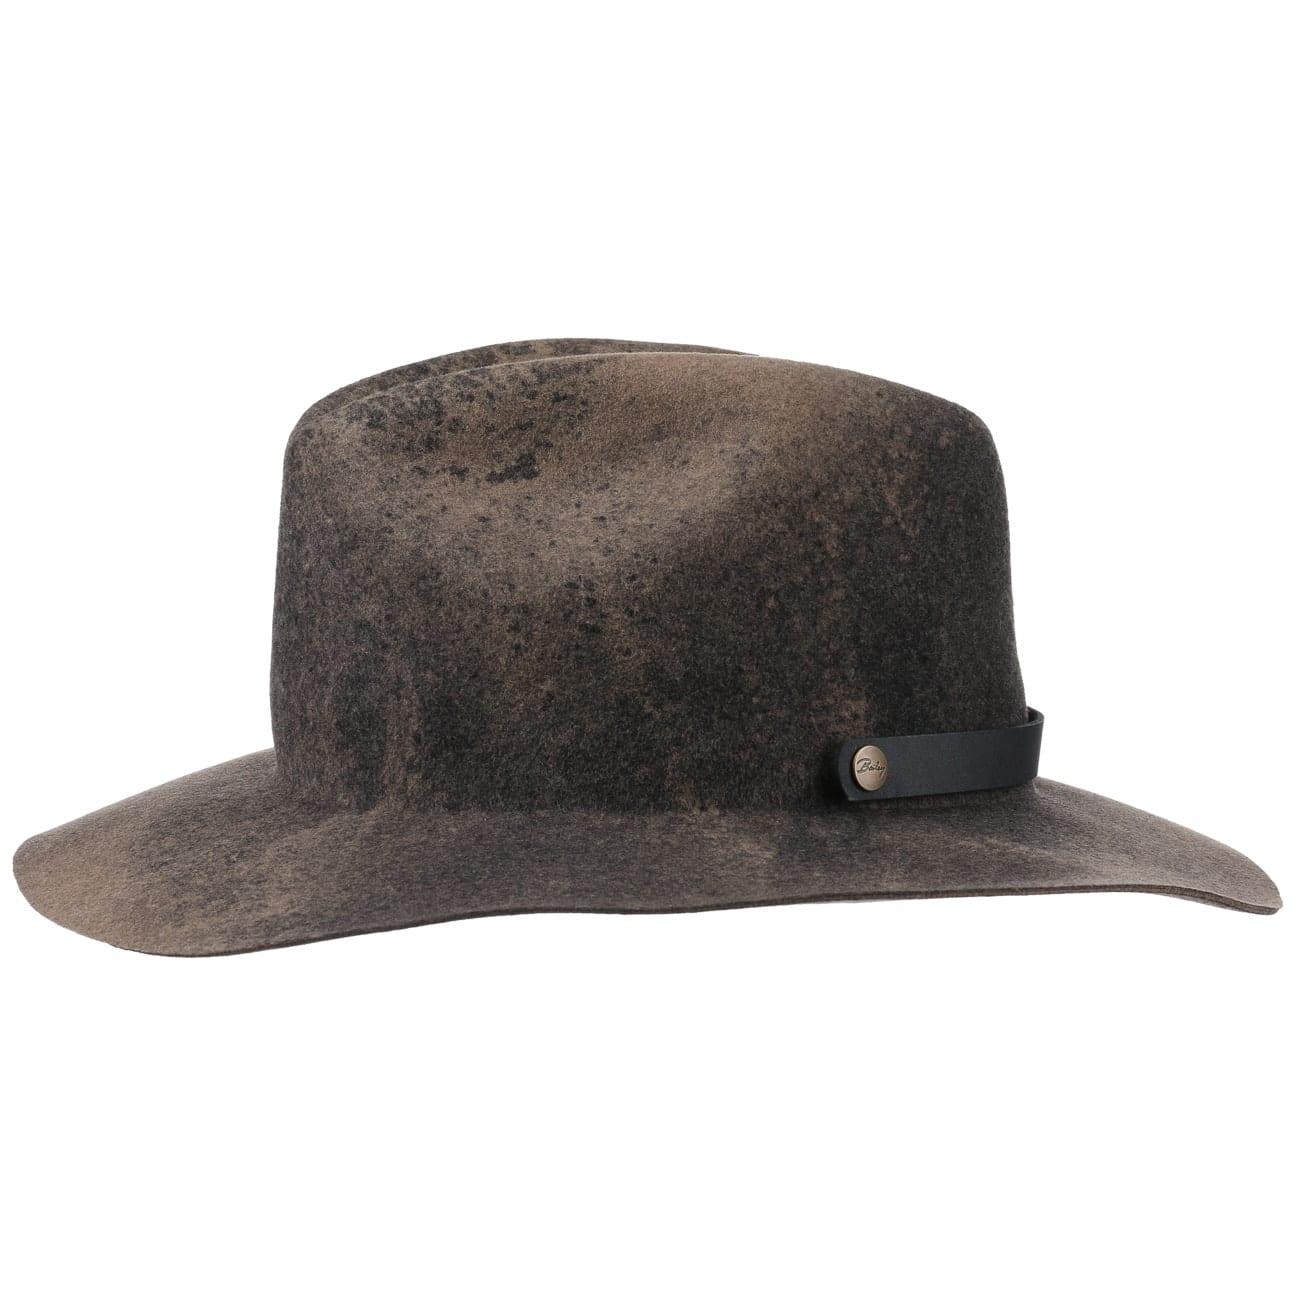 Sombrero Ashmore by Bailey of Hollywood  sombrero de fieltro de lana